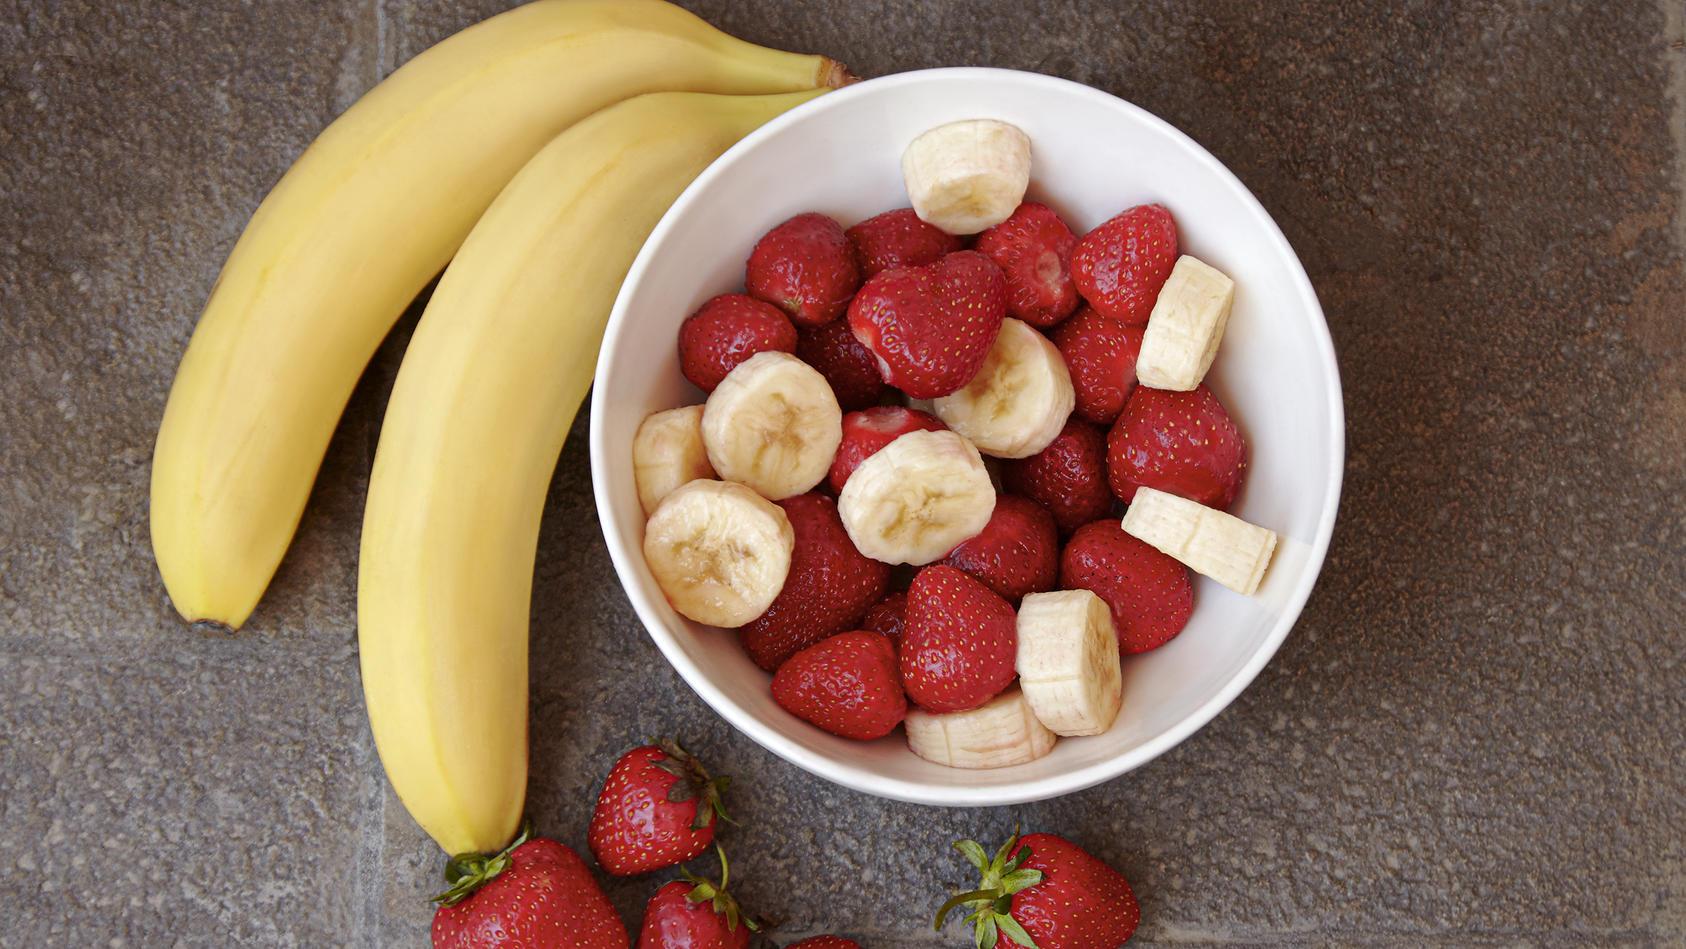 Die Erdbeere ist eine Beere? Nein - aber die Banane ist eine!